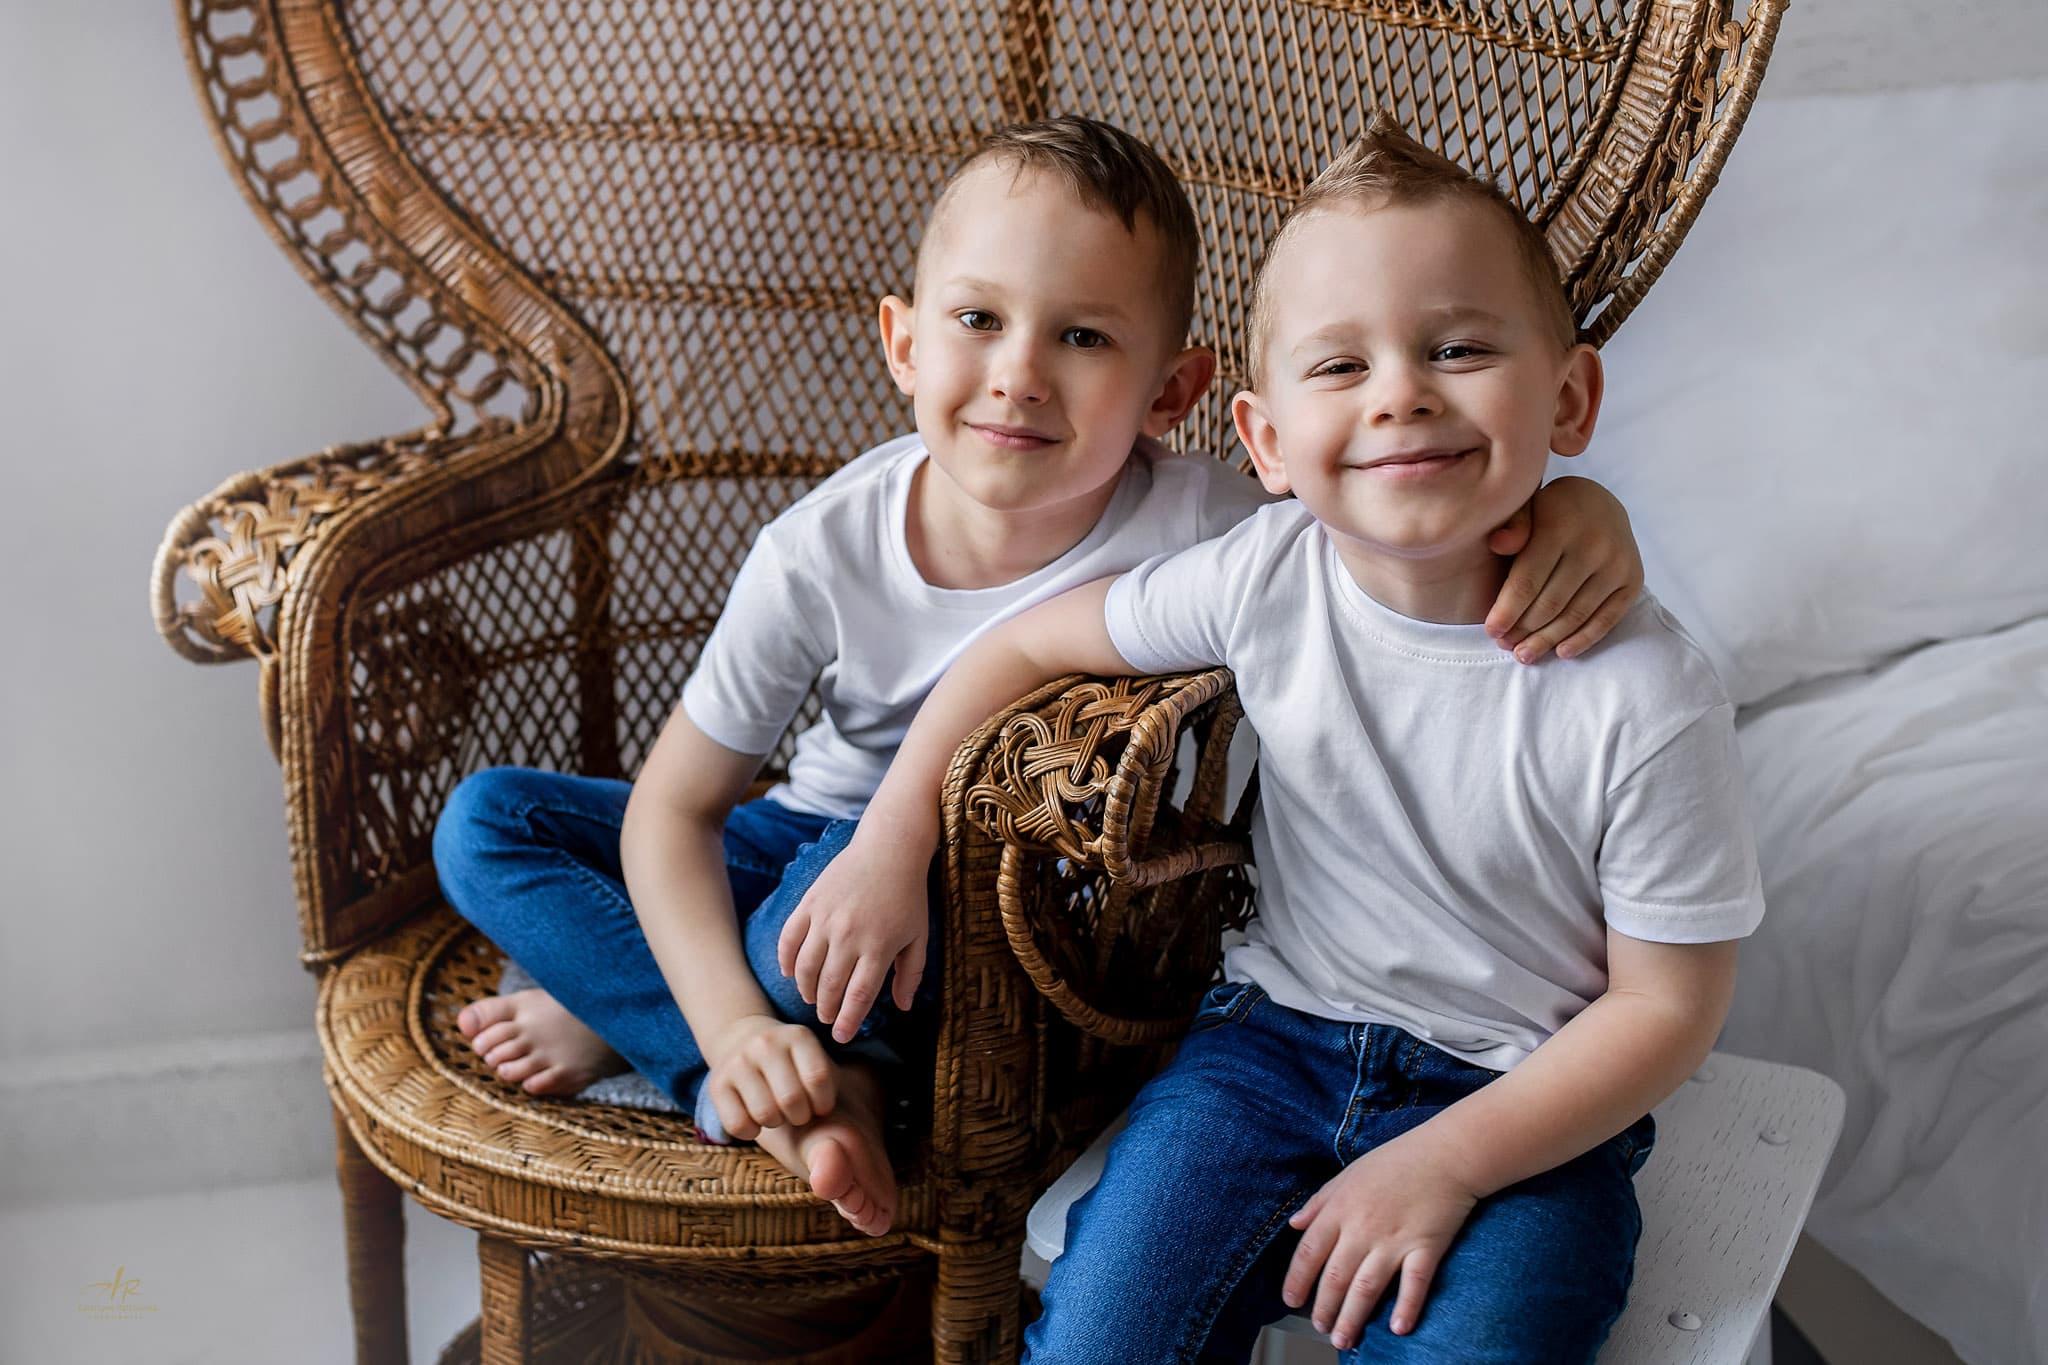 Domowa sesja zdjęciowa - bracia